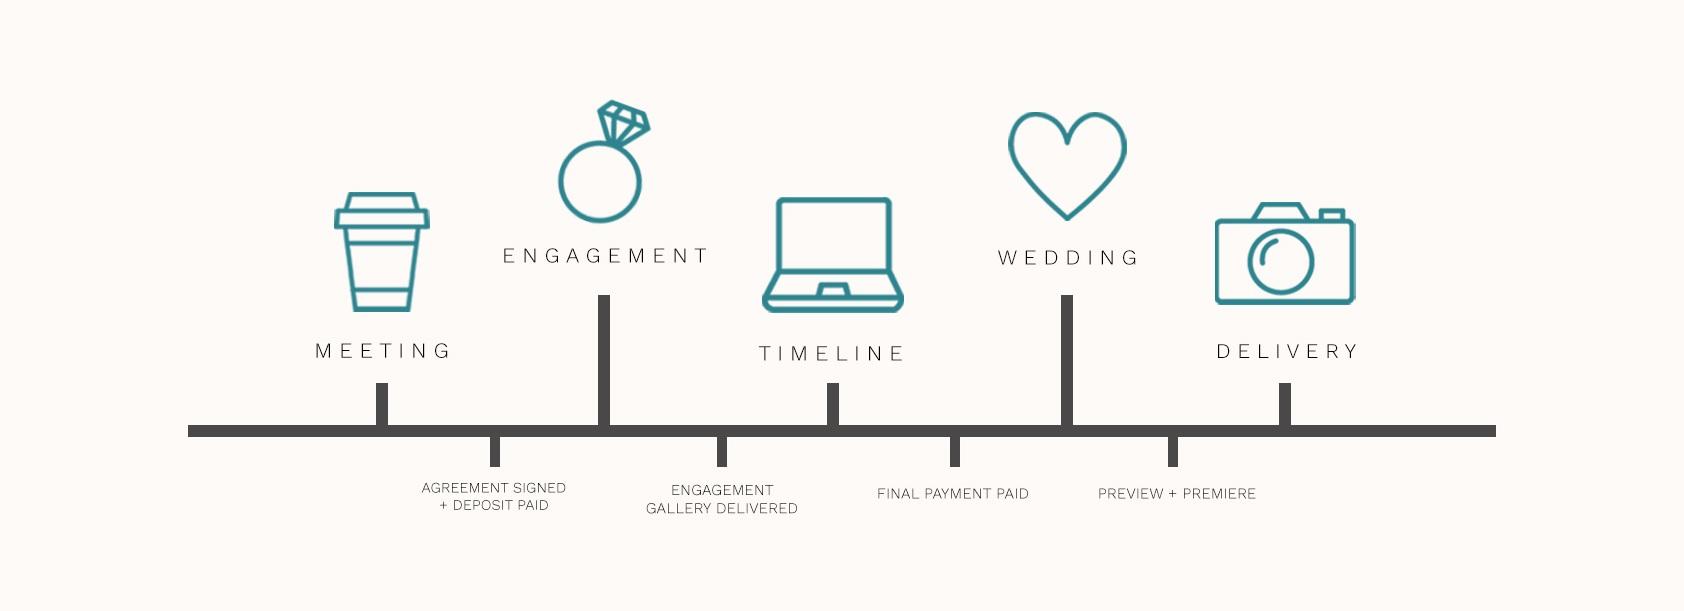 WEDDING+TIMELINE+-+UPDATED.jpg